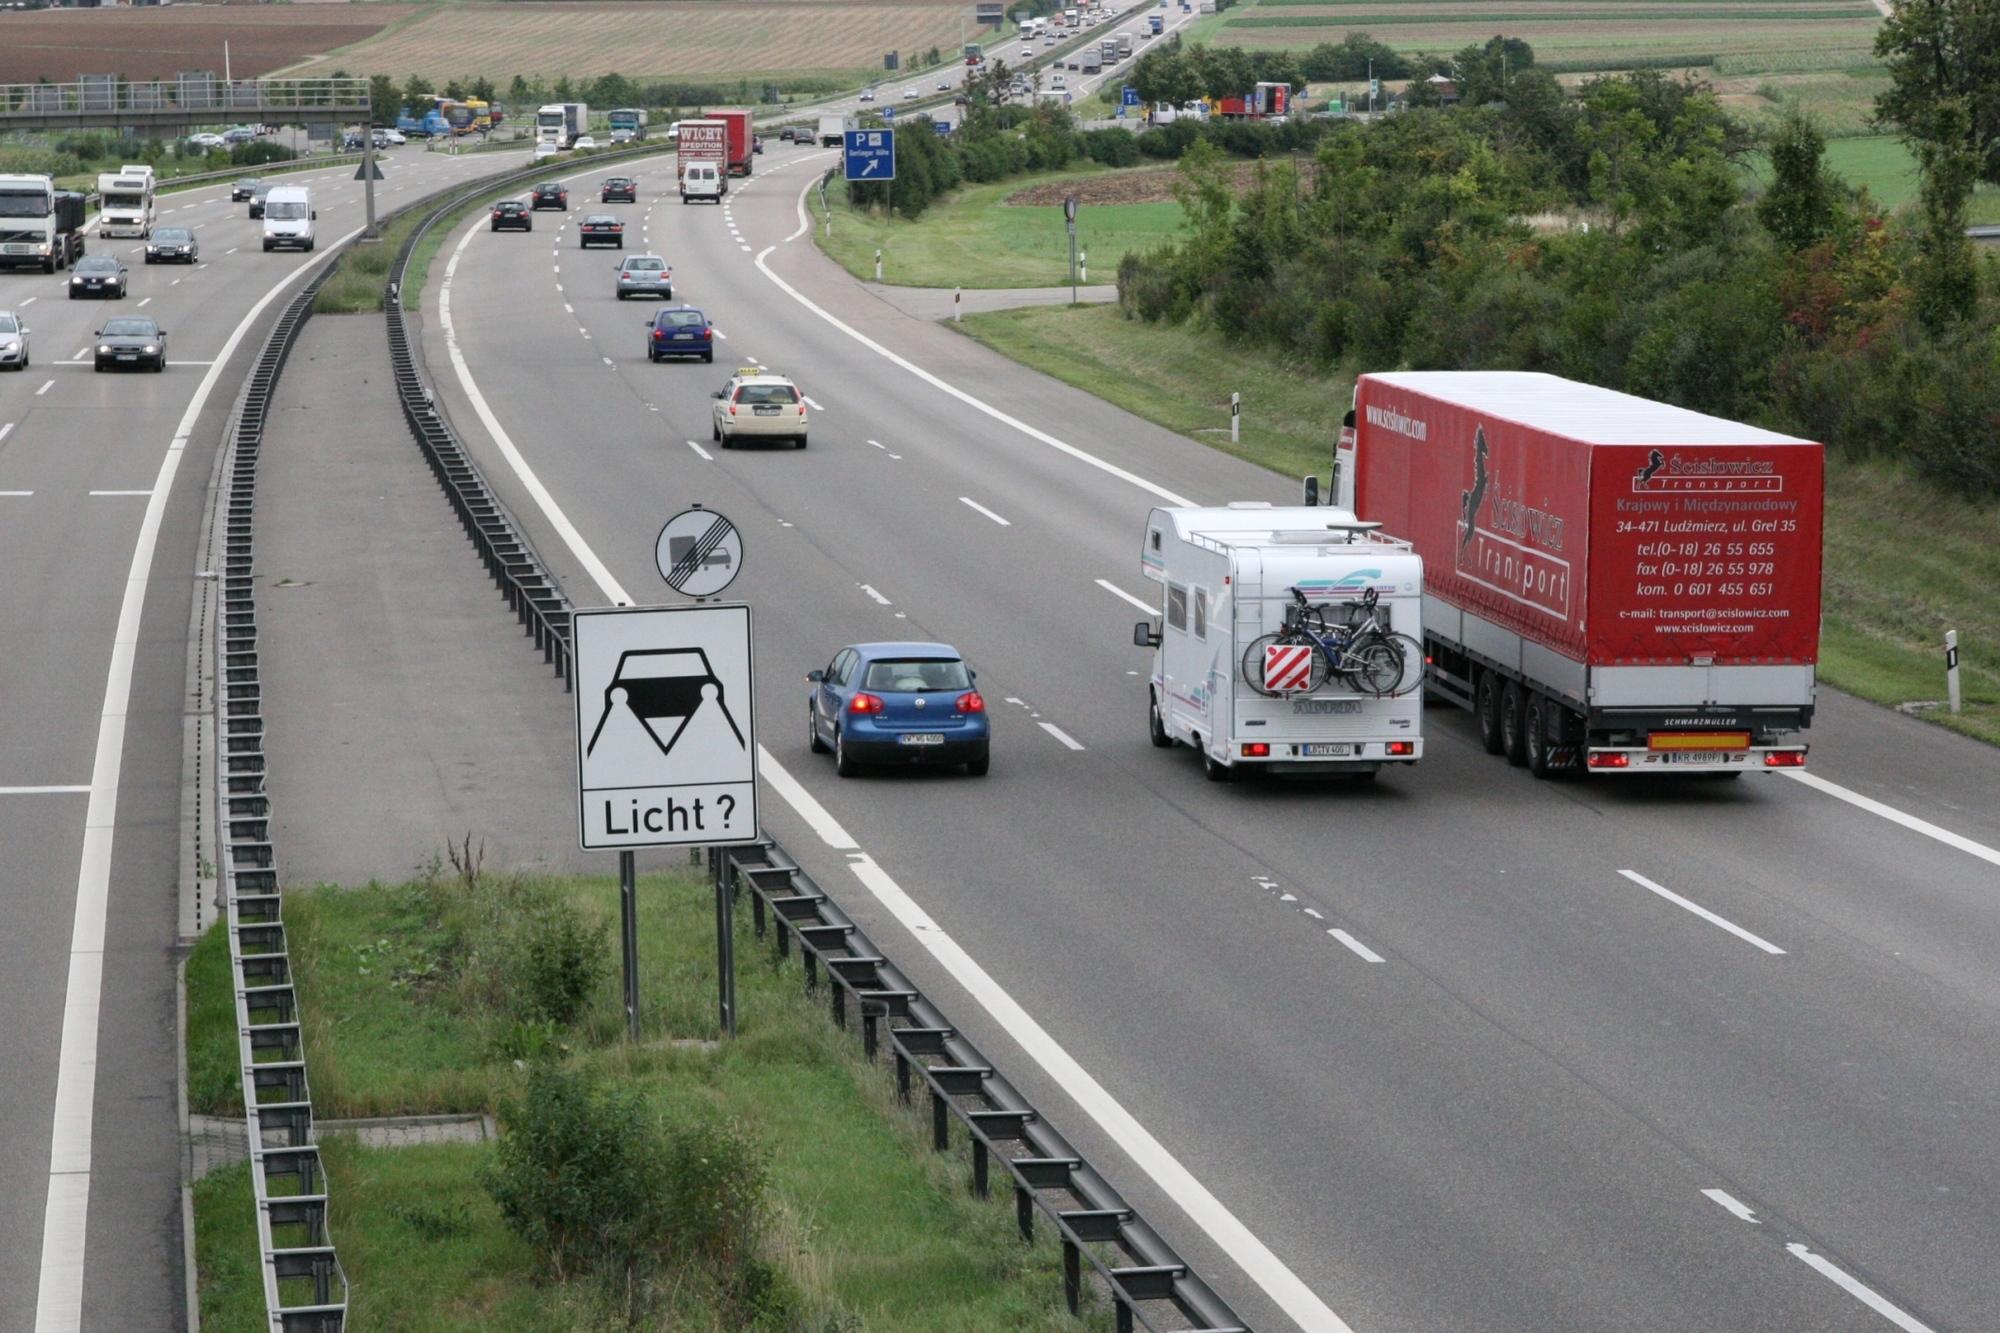 Neue Überhol-Regelung auf Schweizer Autobahnen - Linke Spur für bestimmte Fahrzeuge verboten